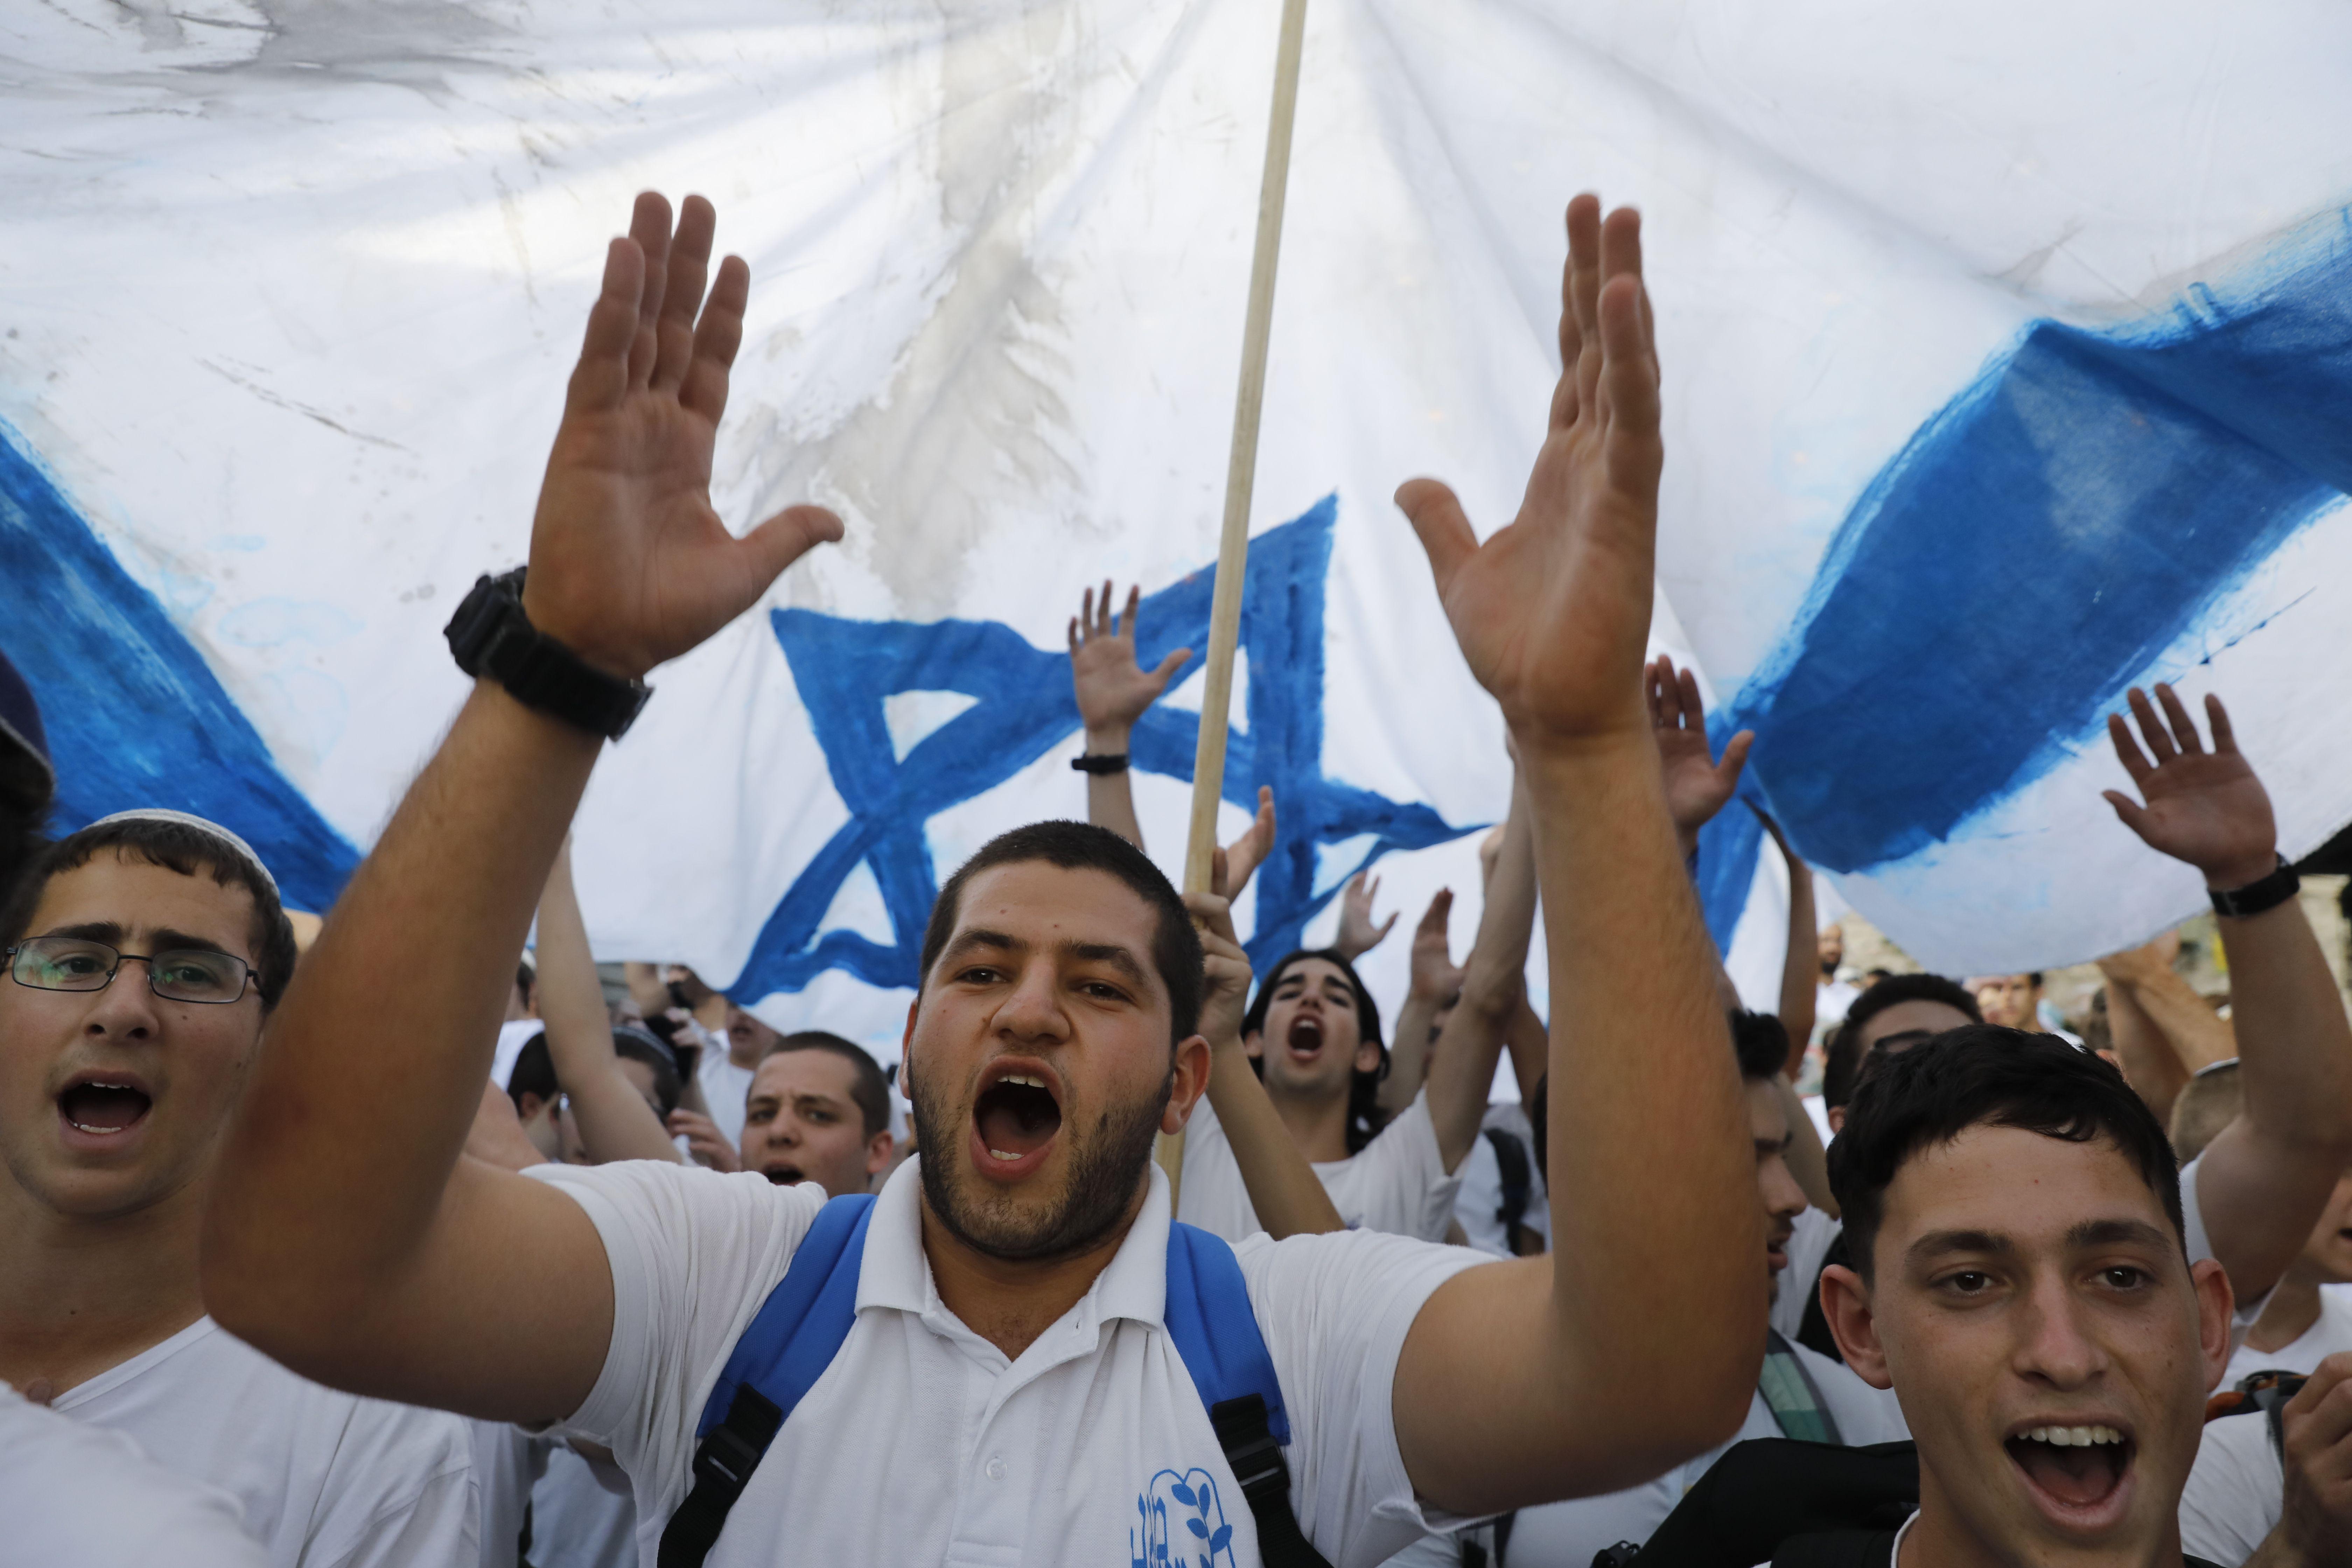 El Día de Jerusalén conmemora la captura por parte de Israel del sector oriental principalmente palestino de la ciudad santa en la Guerra de los Seis Días de 1967.